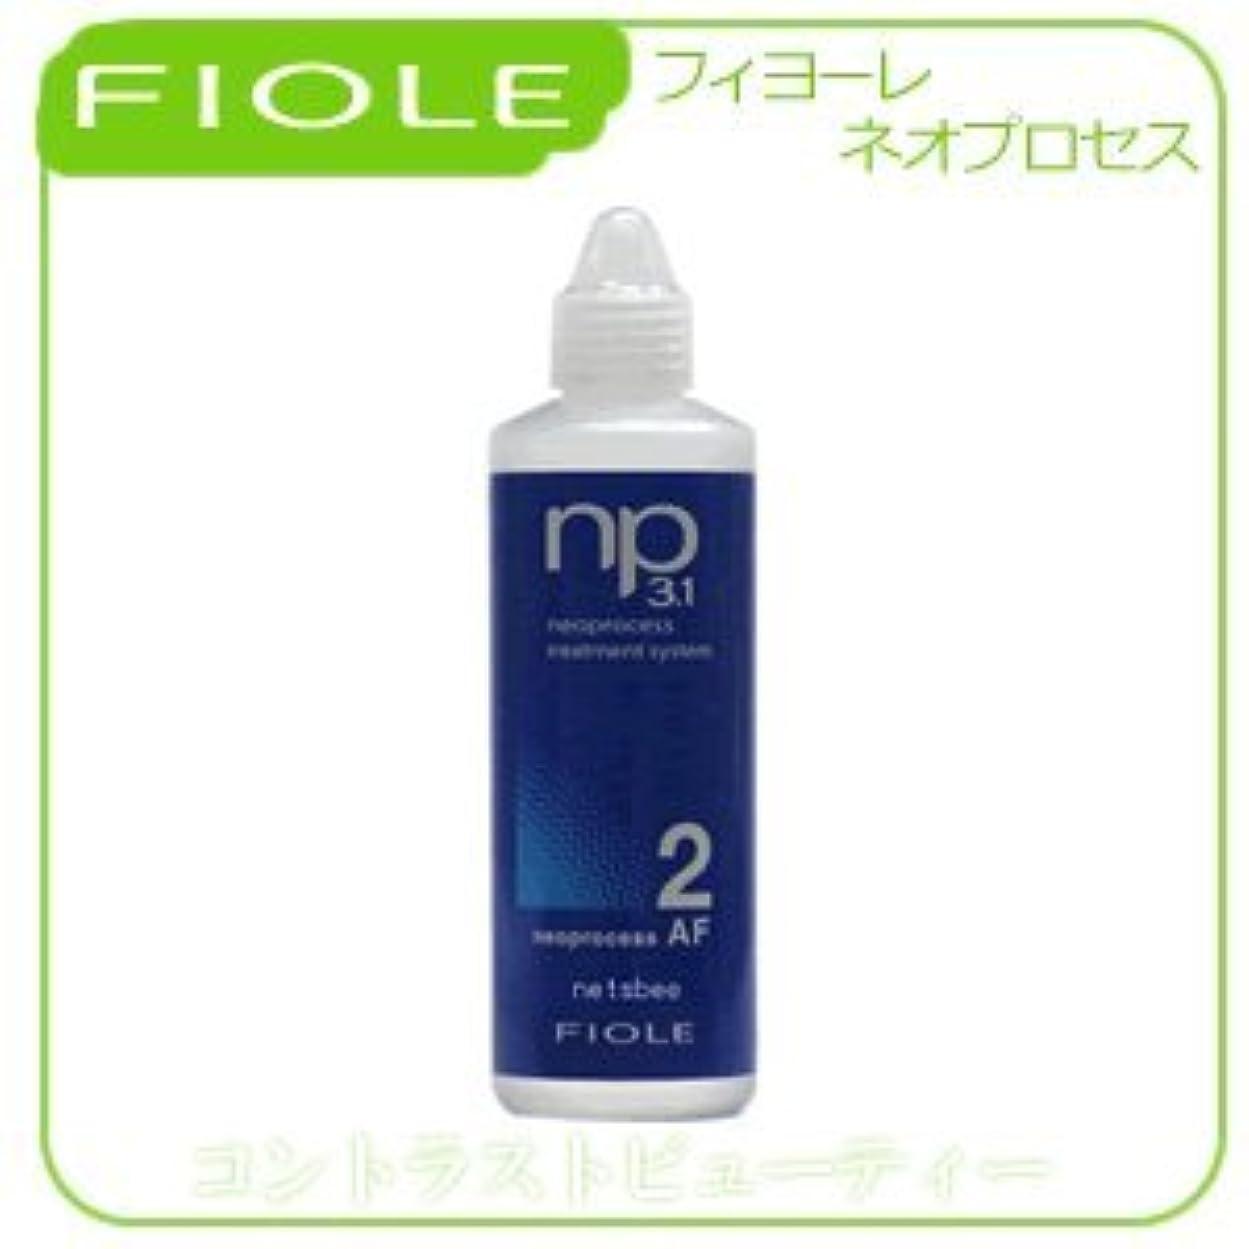 徐々に心配する文献【X3個セット】 フィヨーレ NP3.1 ネオプロセス AF2 130ml FIOLE ネオプロセス